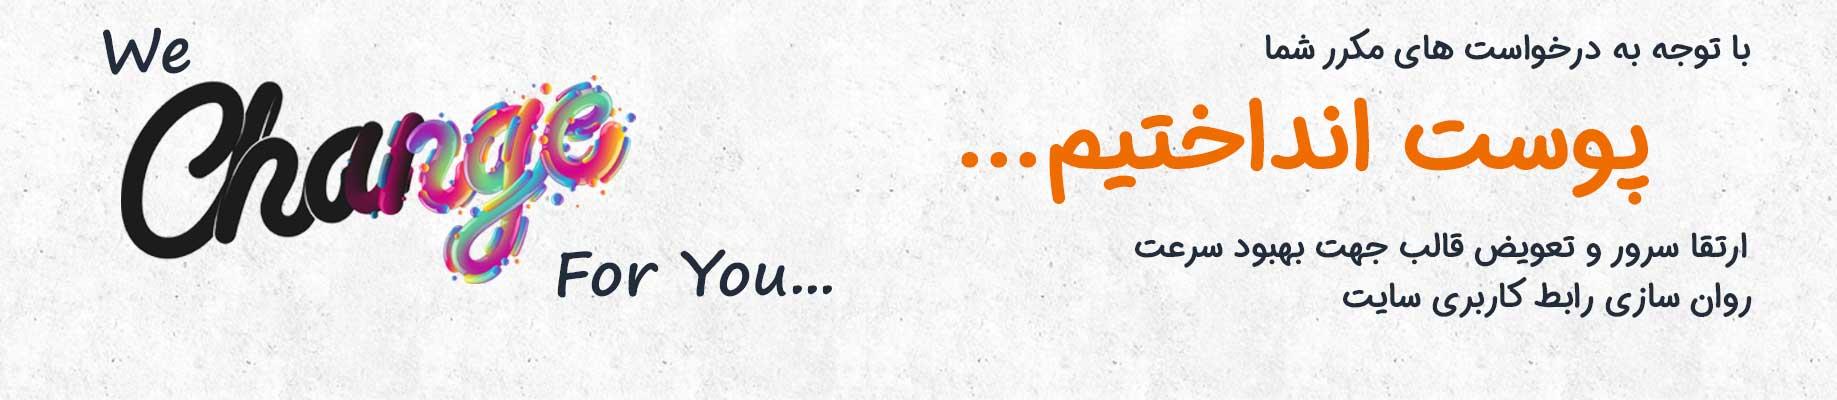 فقط بخاطر شما